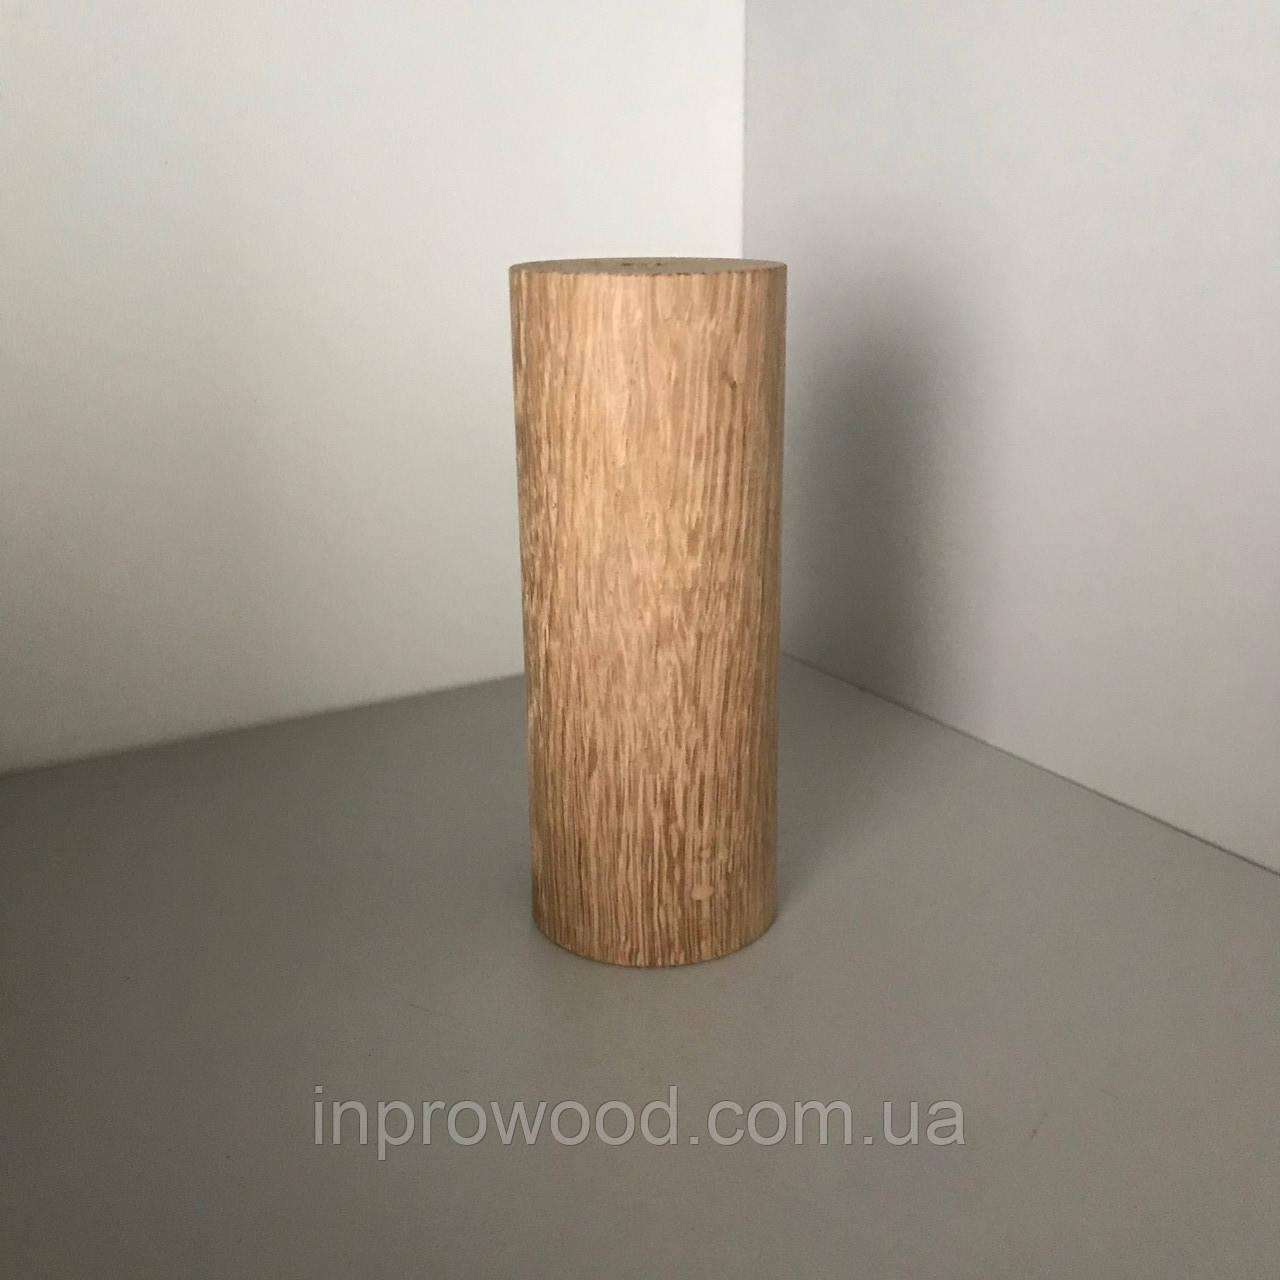 Дерев'яна меблева ніжка, меблева опора Дуб 120 мм